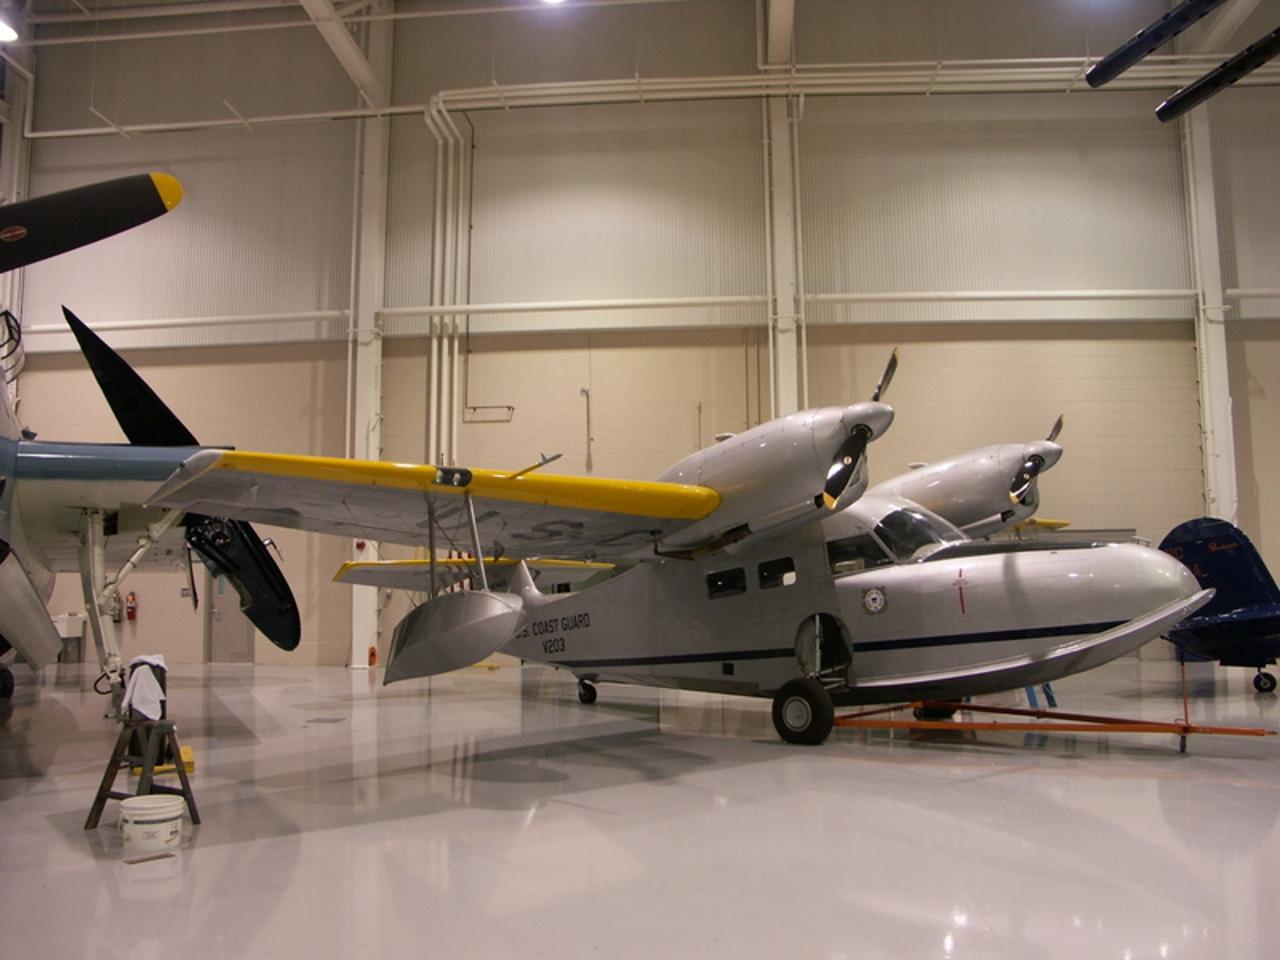 Grumman G-44 Widgeon